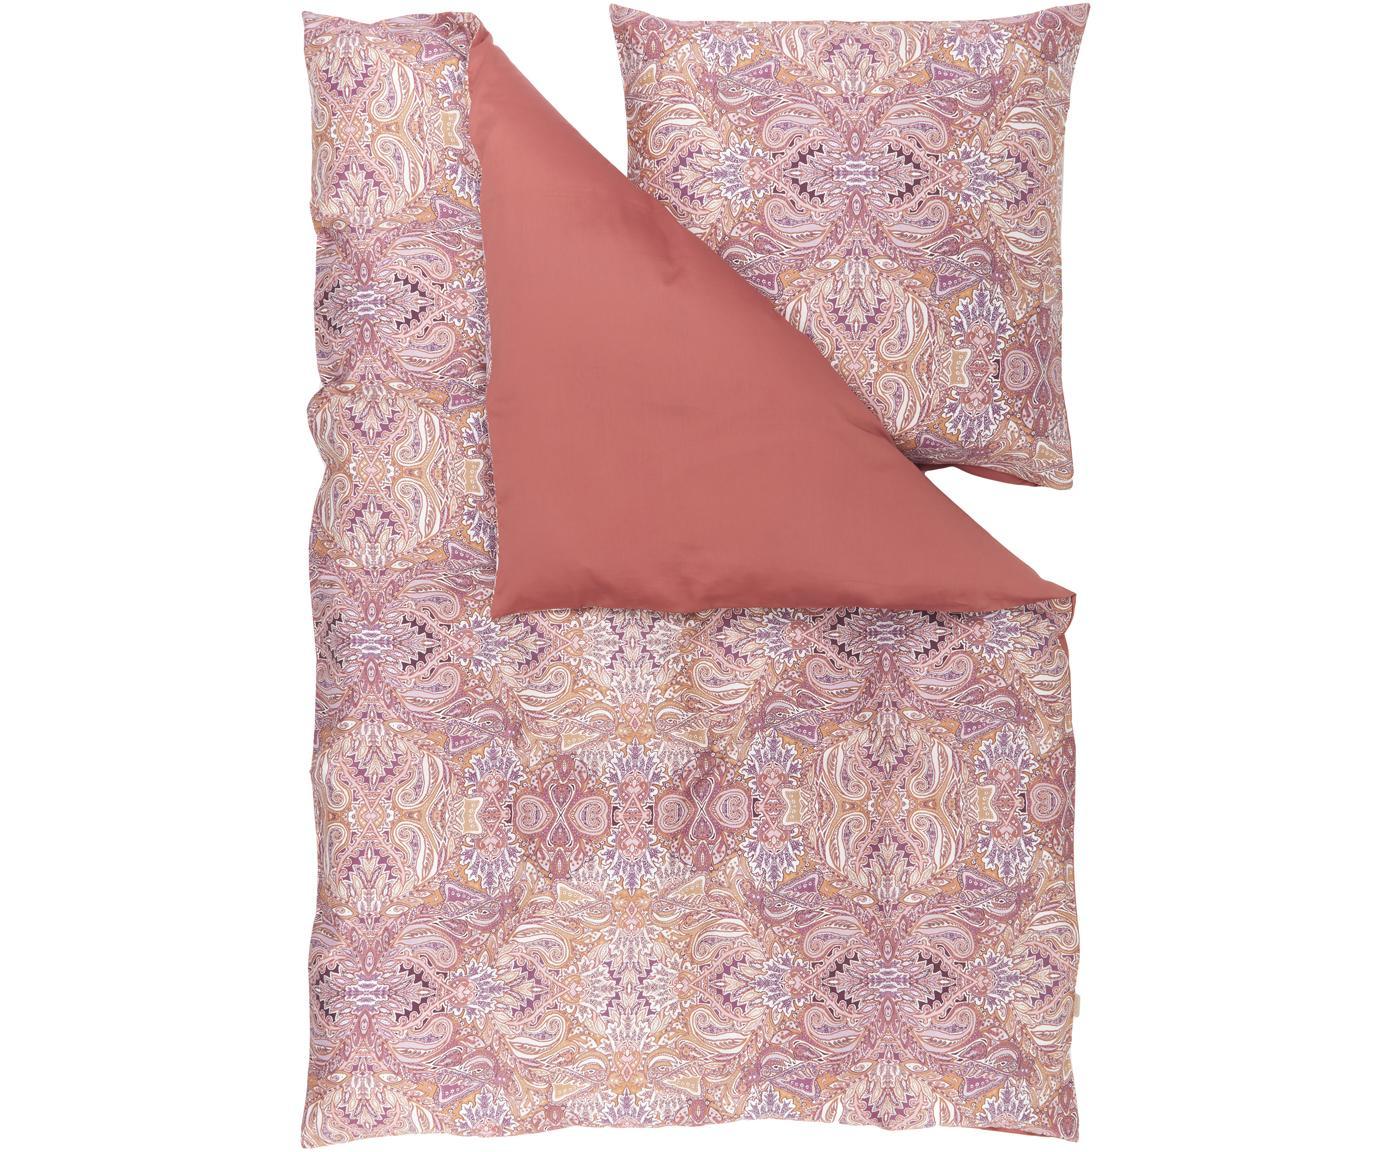 Baumwollsatin-Bettwäsche Boheme, Webart: Satin Fadendichte 200 TC,, Rosa- und Lilatöne, Orange, Weiß, 200 x 200 cm + 2 Kissen 80 x 80 cm